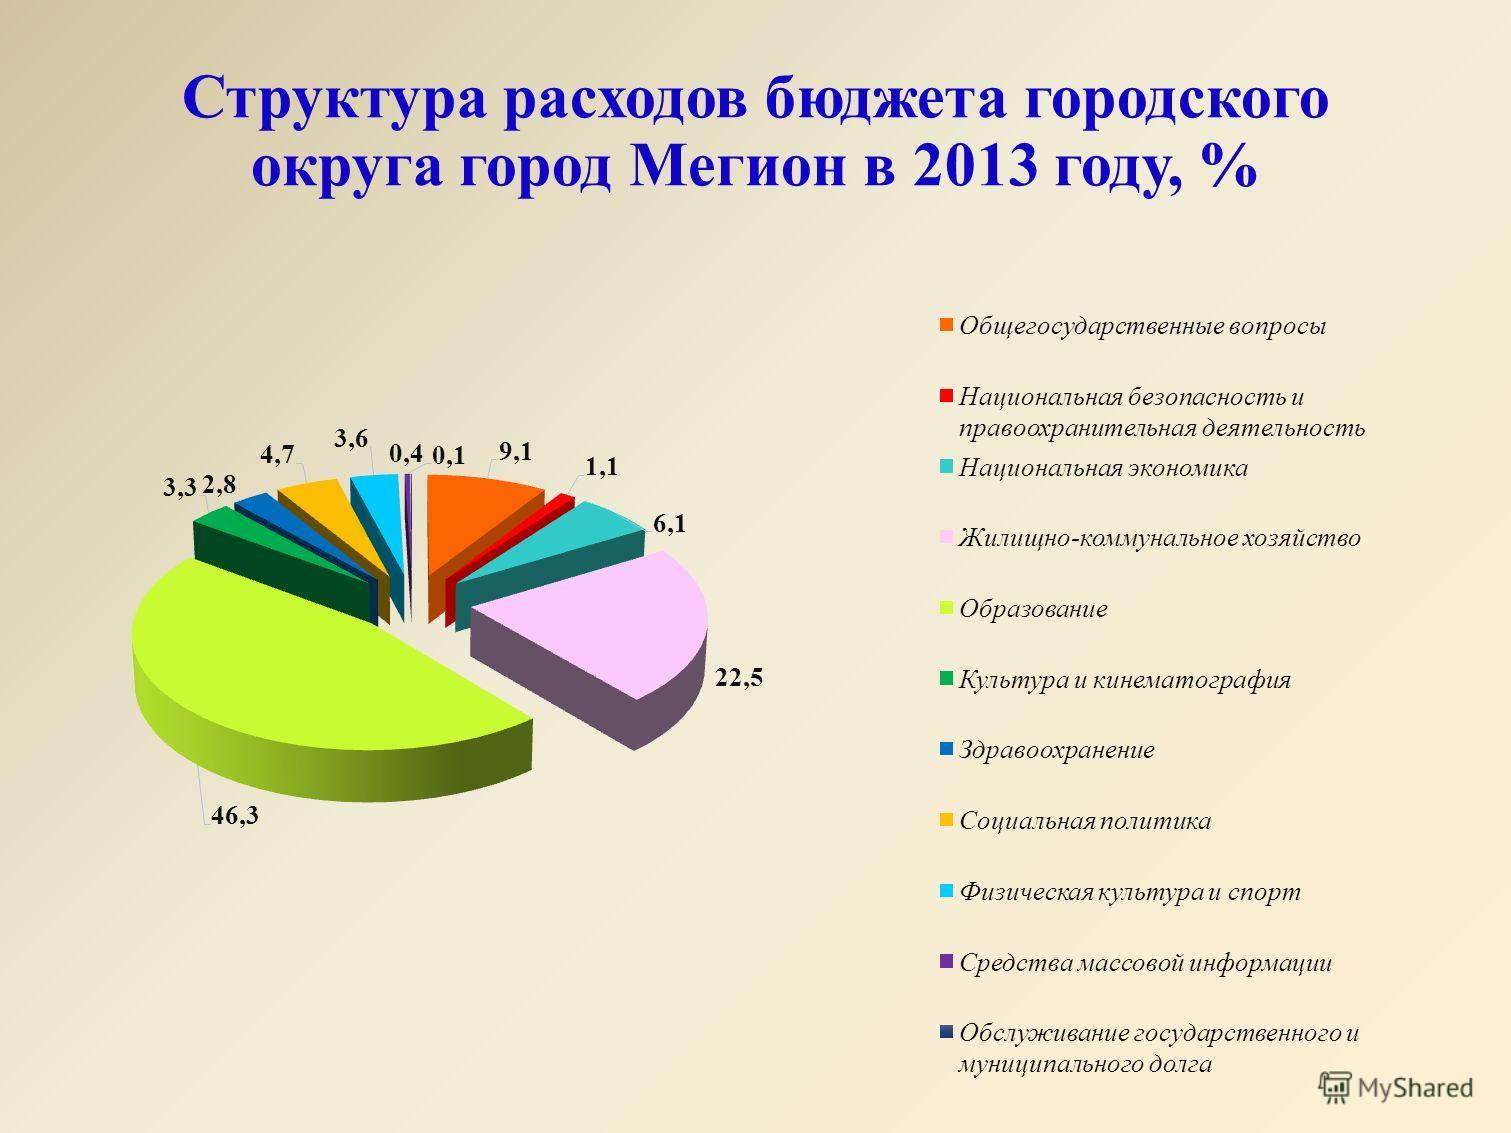 Структура расходов бюджета городского округа город Мегион в 2013 году, %